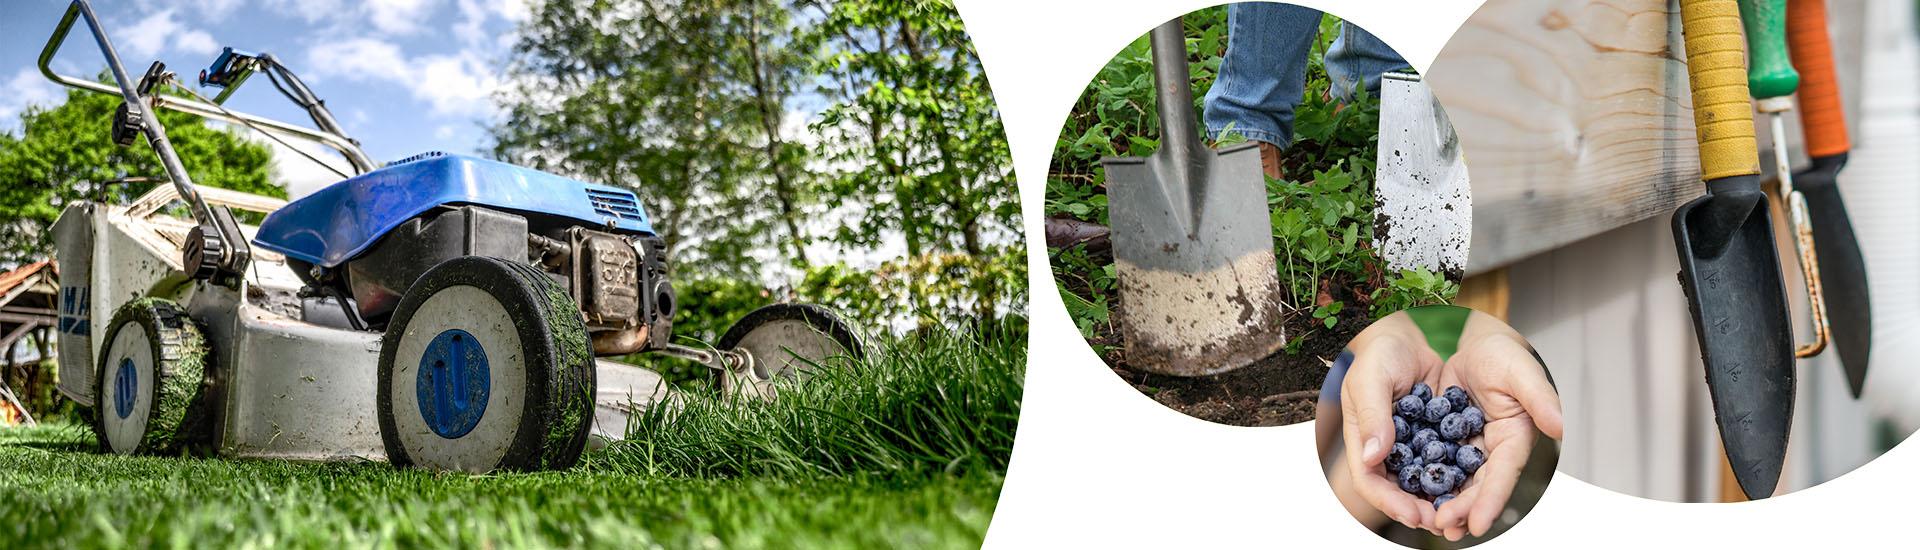 Une tondeuse, une pelle, de quoi appeler un jardinier à domicile